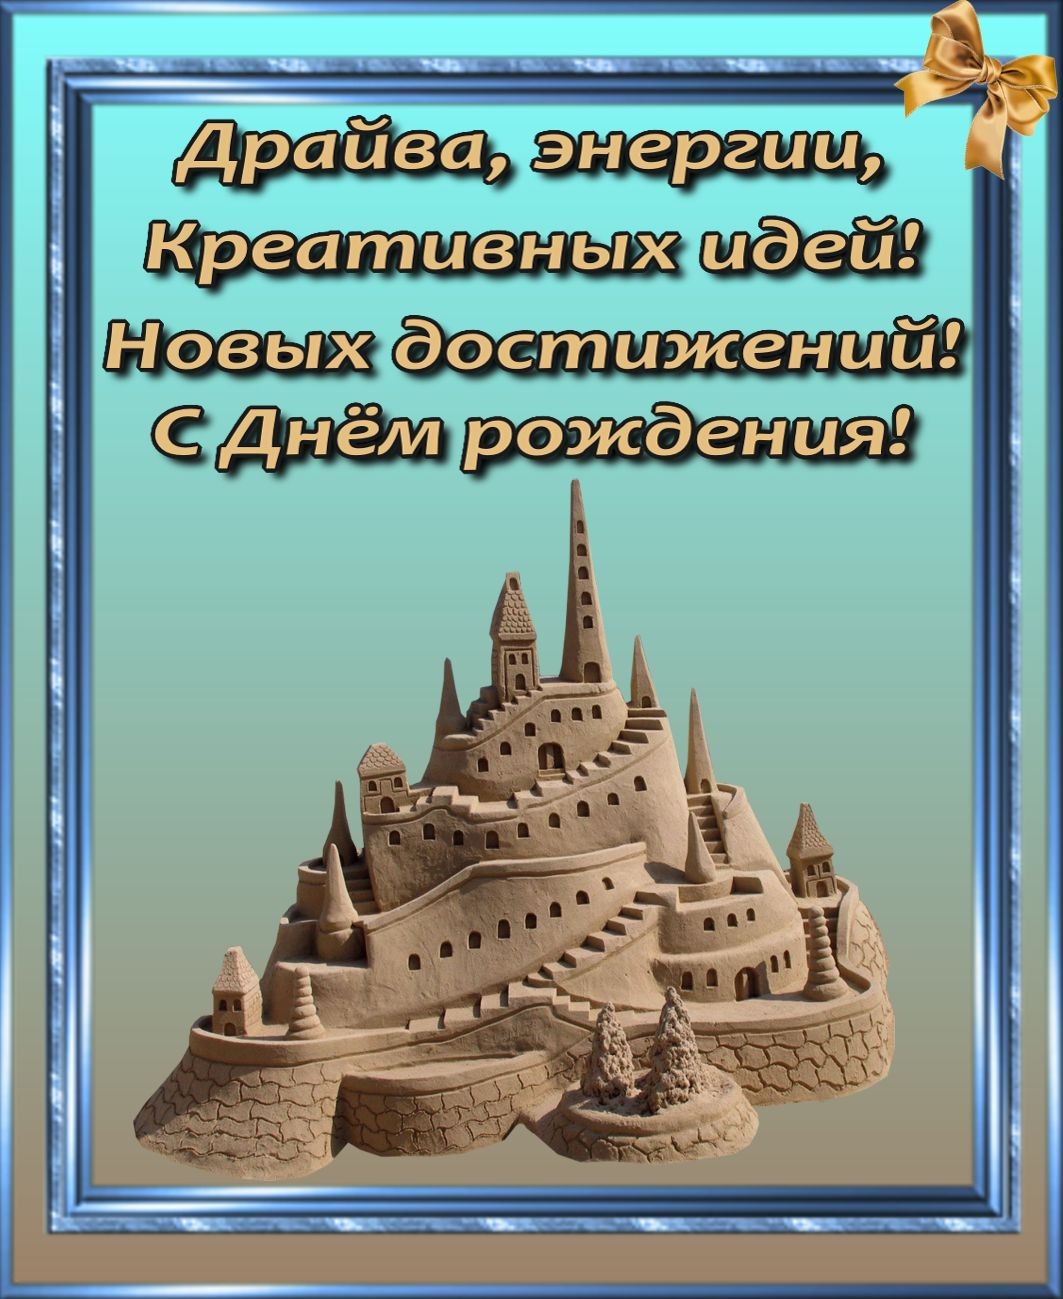 открытка с днем рождения - песочный замок в синей рамке с бантом